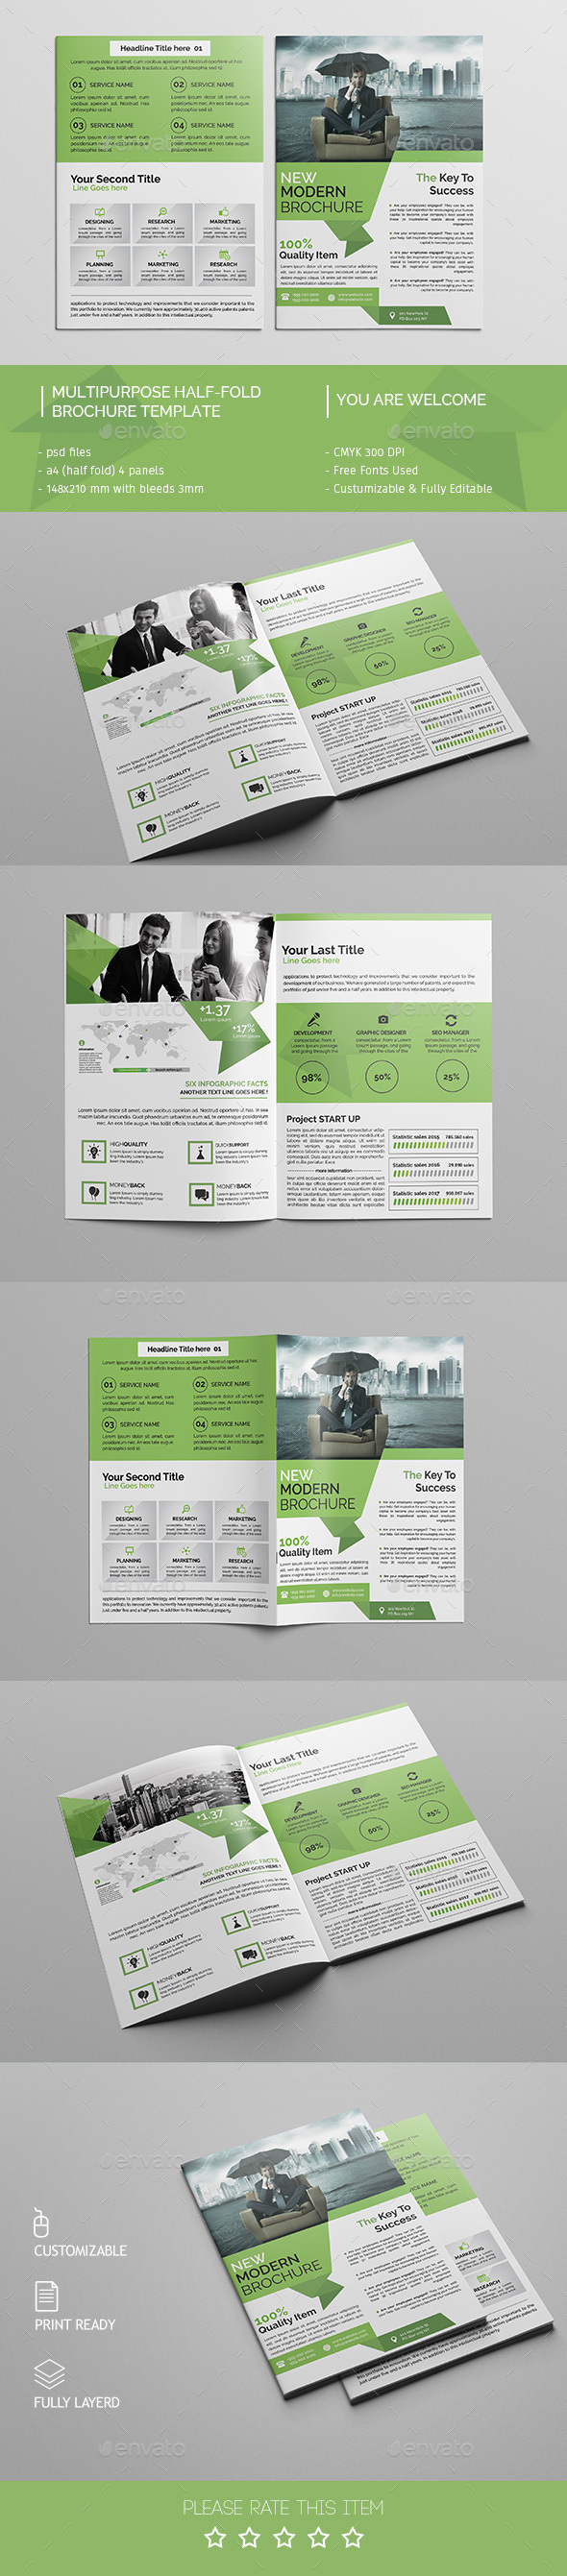 Corporate Bi-fold Brochure Template 09 - Corporate Brochures